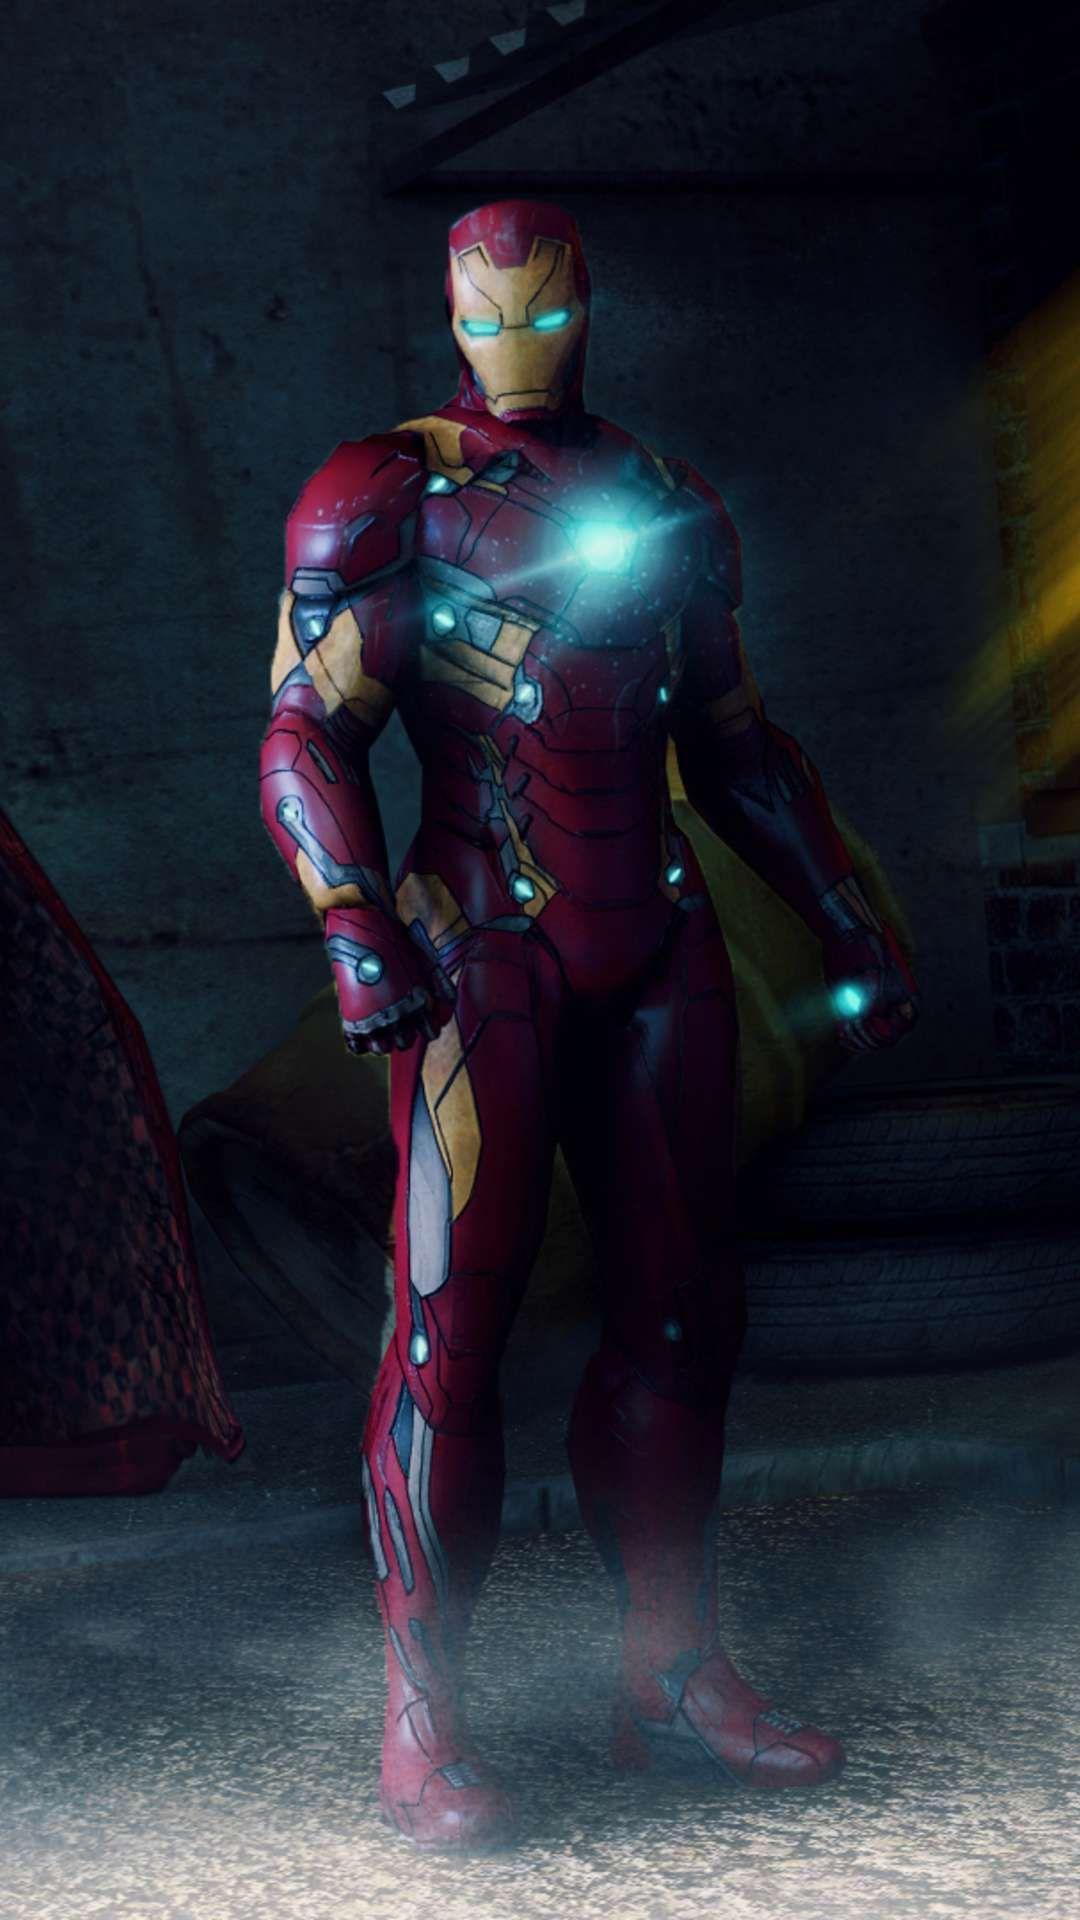 Iron Man Mark 46 IPhone Wallpaper Marvel iron man, Iron